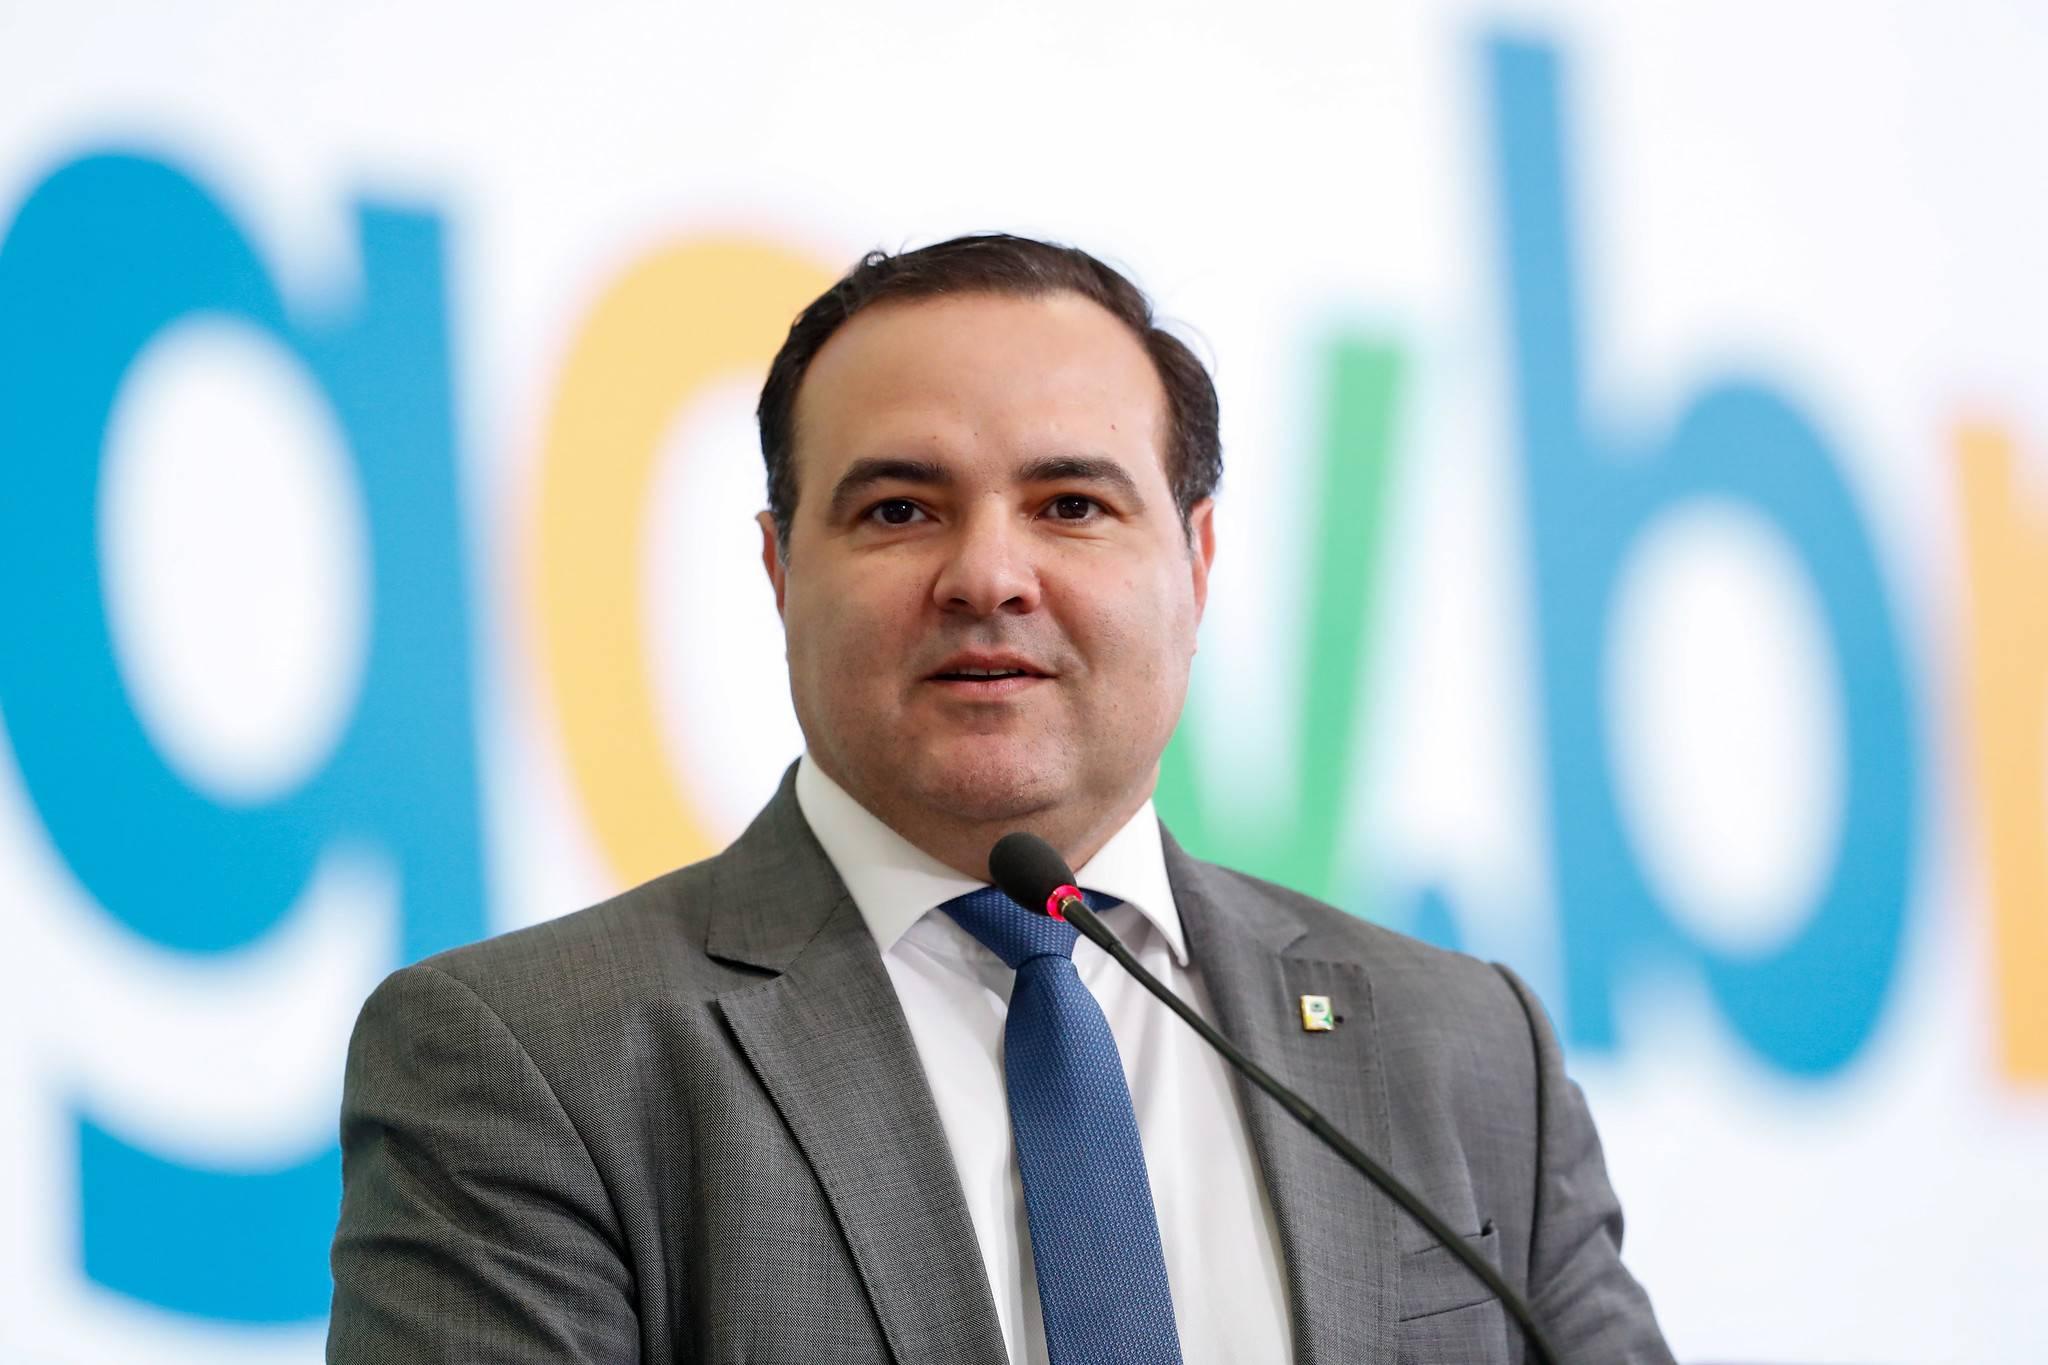 Quem é Jorge Oliveira, o amigo de Bolsonaro cotado para o STF